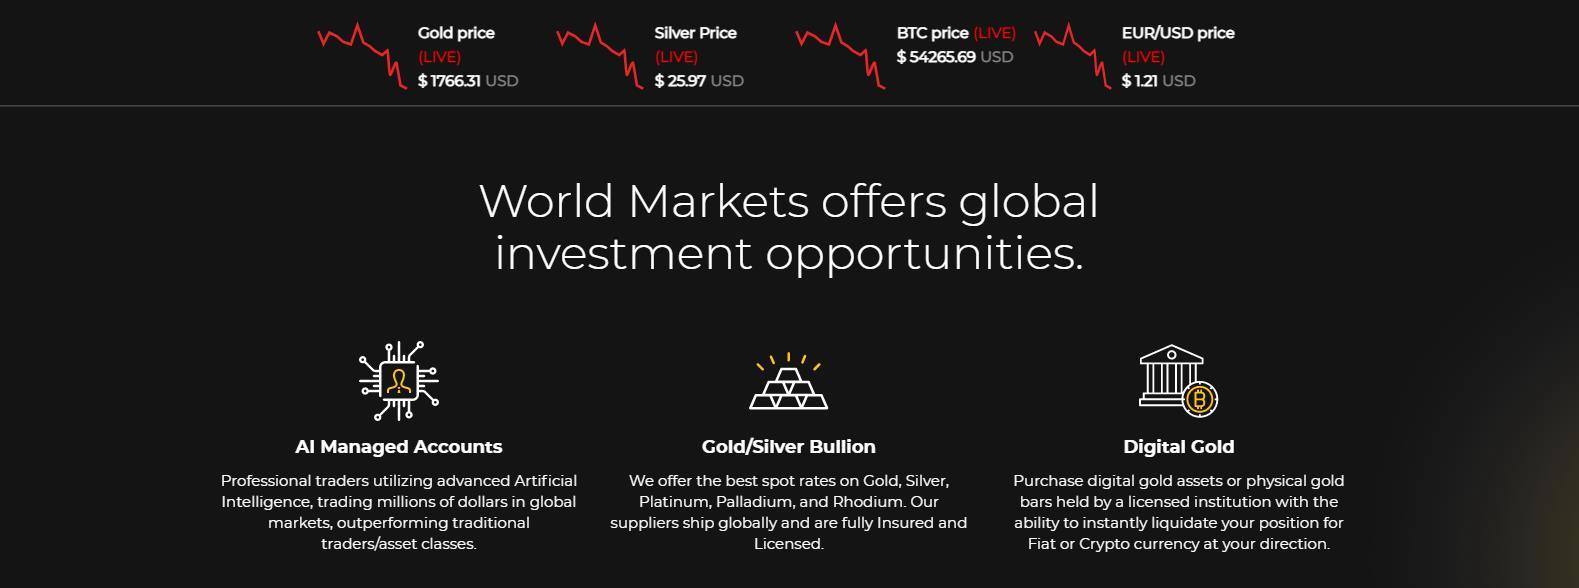 торговые условия world markets